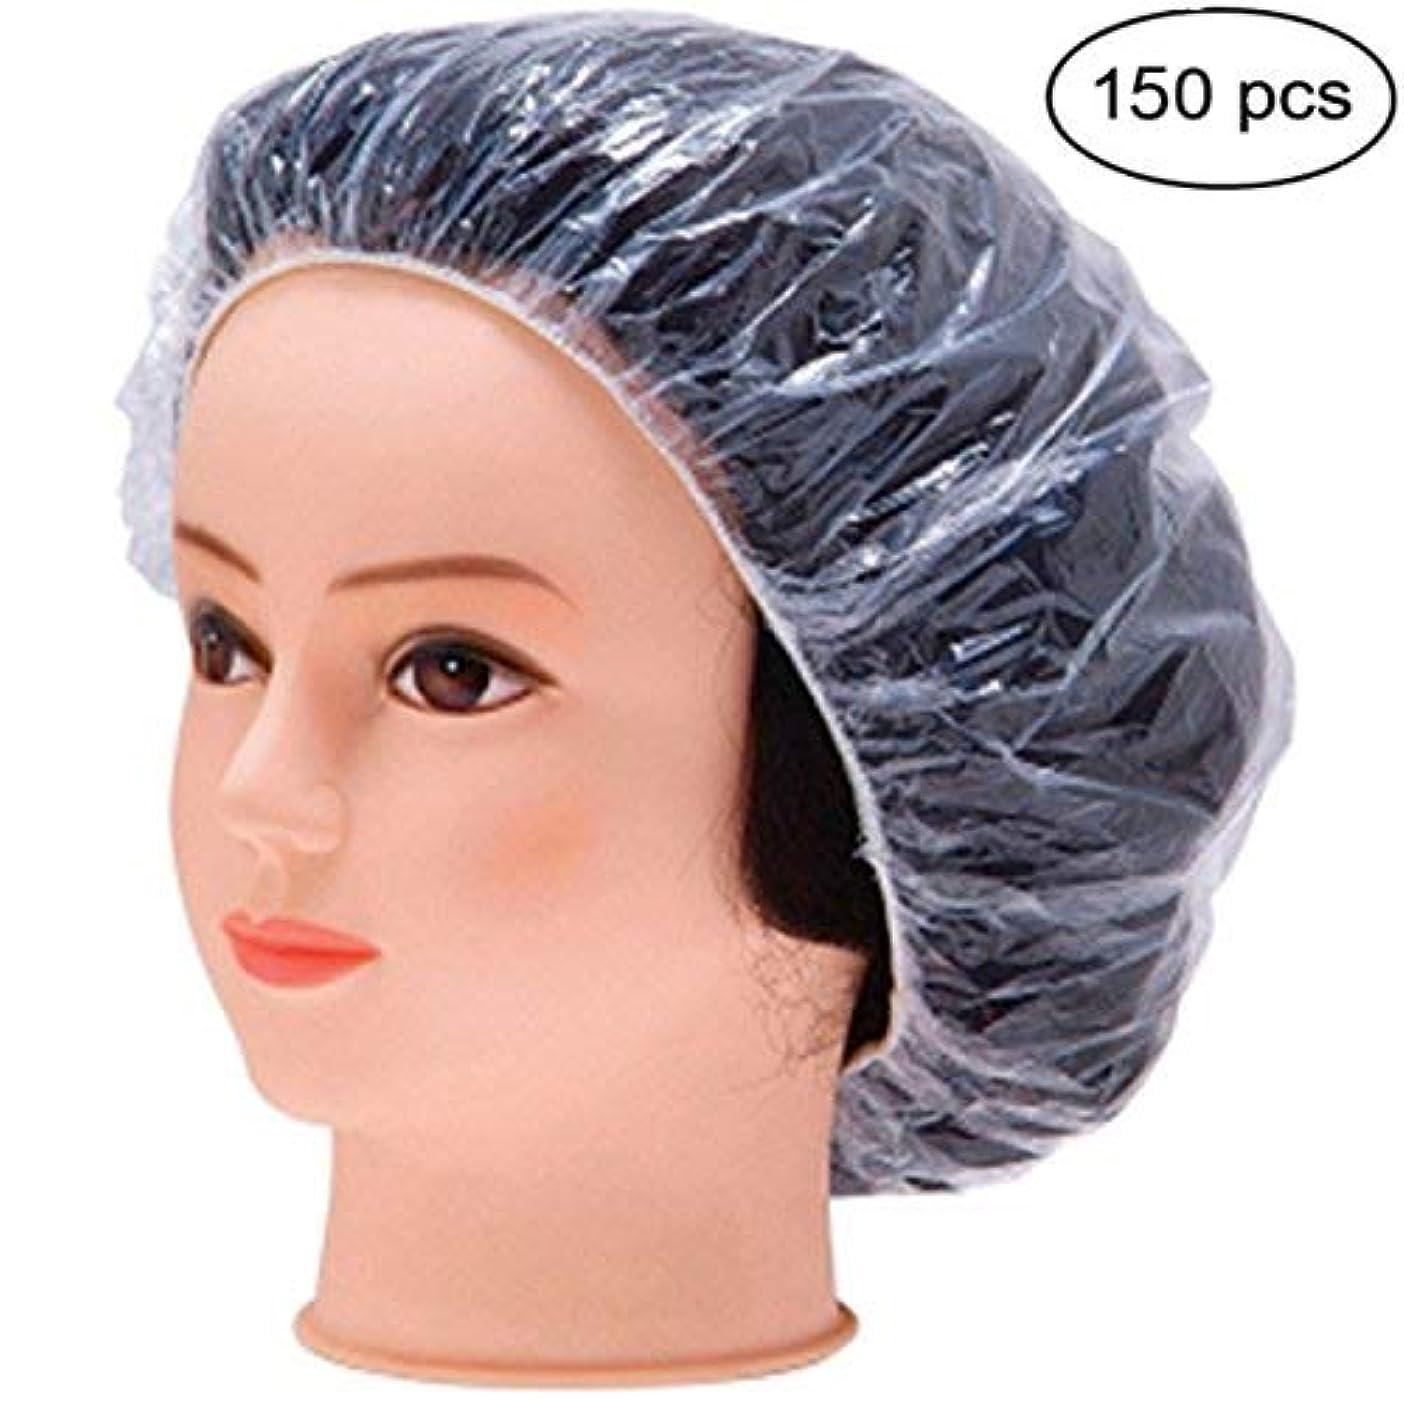 魔法士気増幅する使い捨て シャワーキャップ 150枚入り プロワーク ヘアキャップ 防水透明プラスチック製シャワーキャップ 、弾性の水浴帽子、加工帽子、女性の美容帽ダストハットスパ、ヘアサロン、ホームユースホテル等で使用